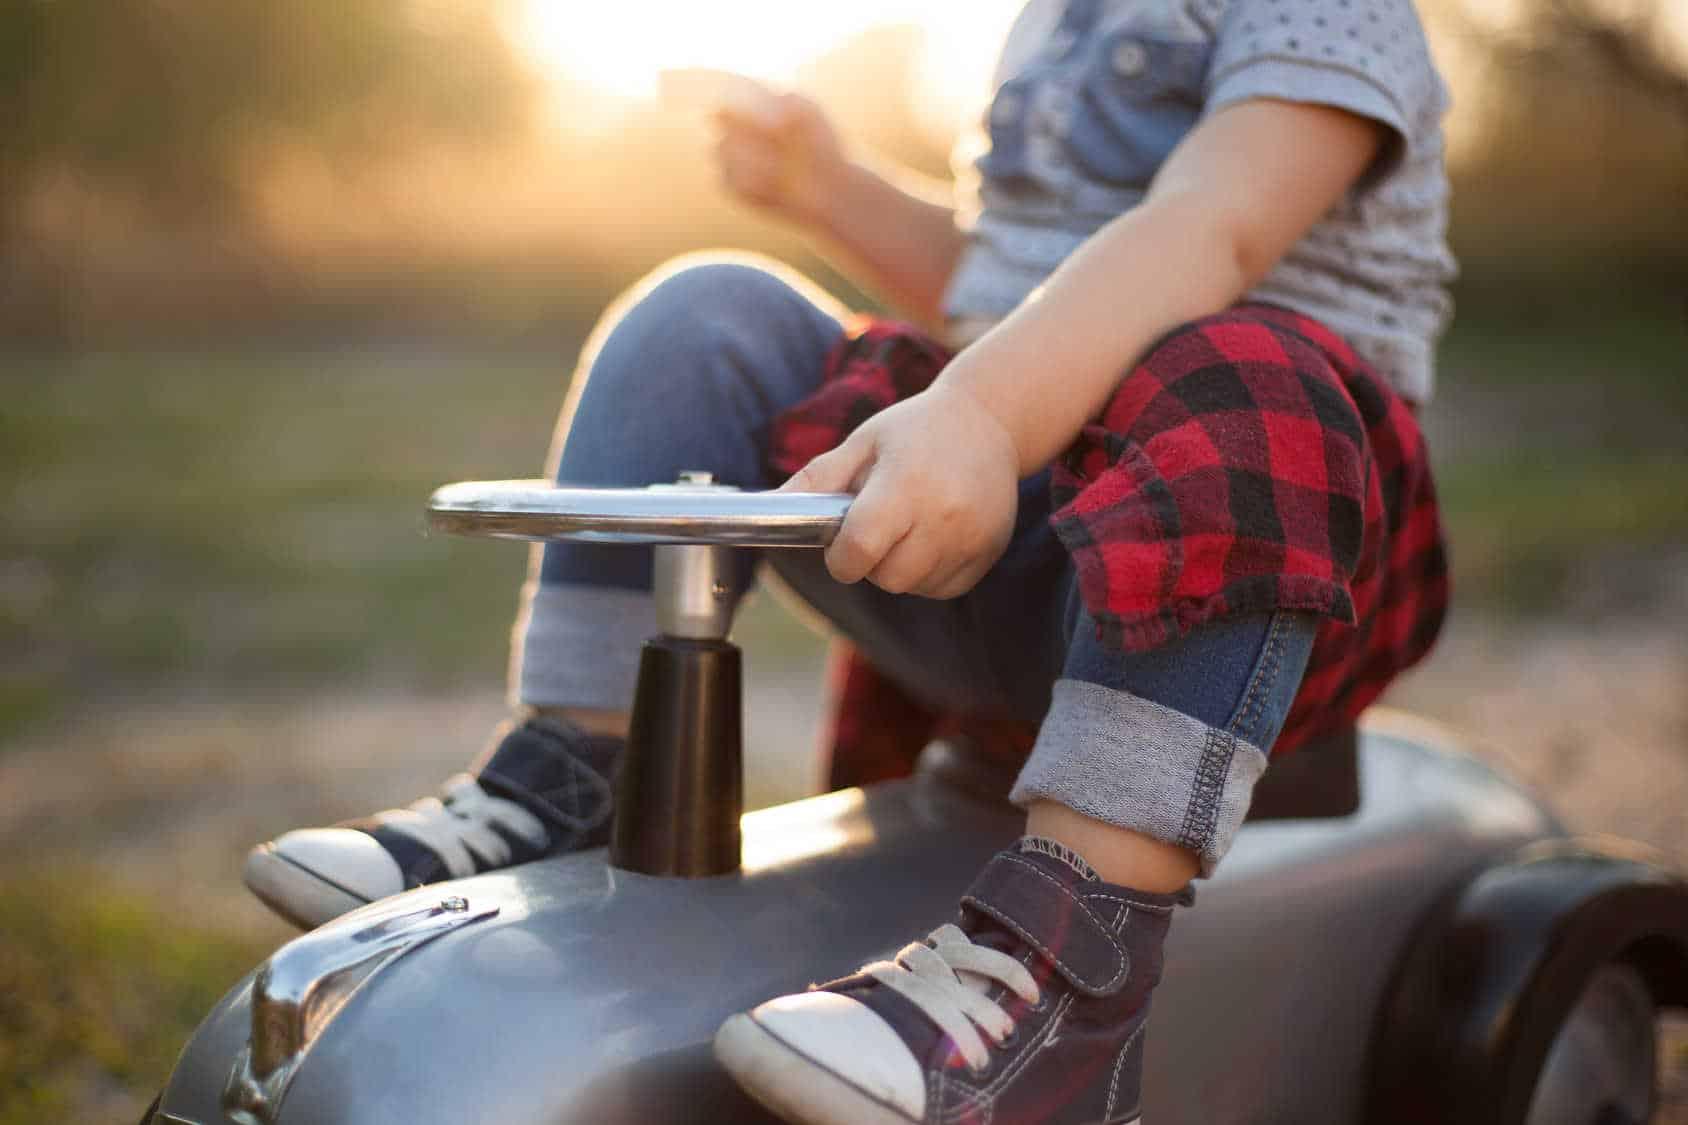 Pojazdy do jeżdżenia dla dzieci: dlaczego każde roczne dziecko powinno mieć swoje?